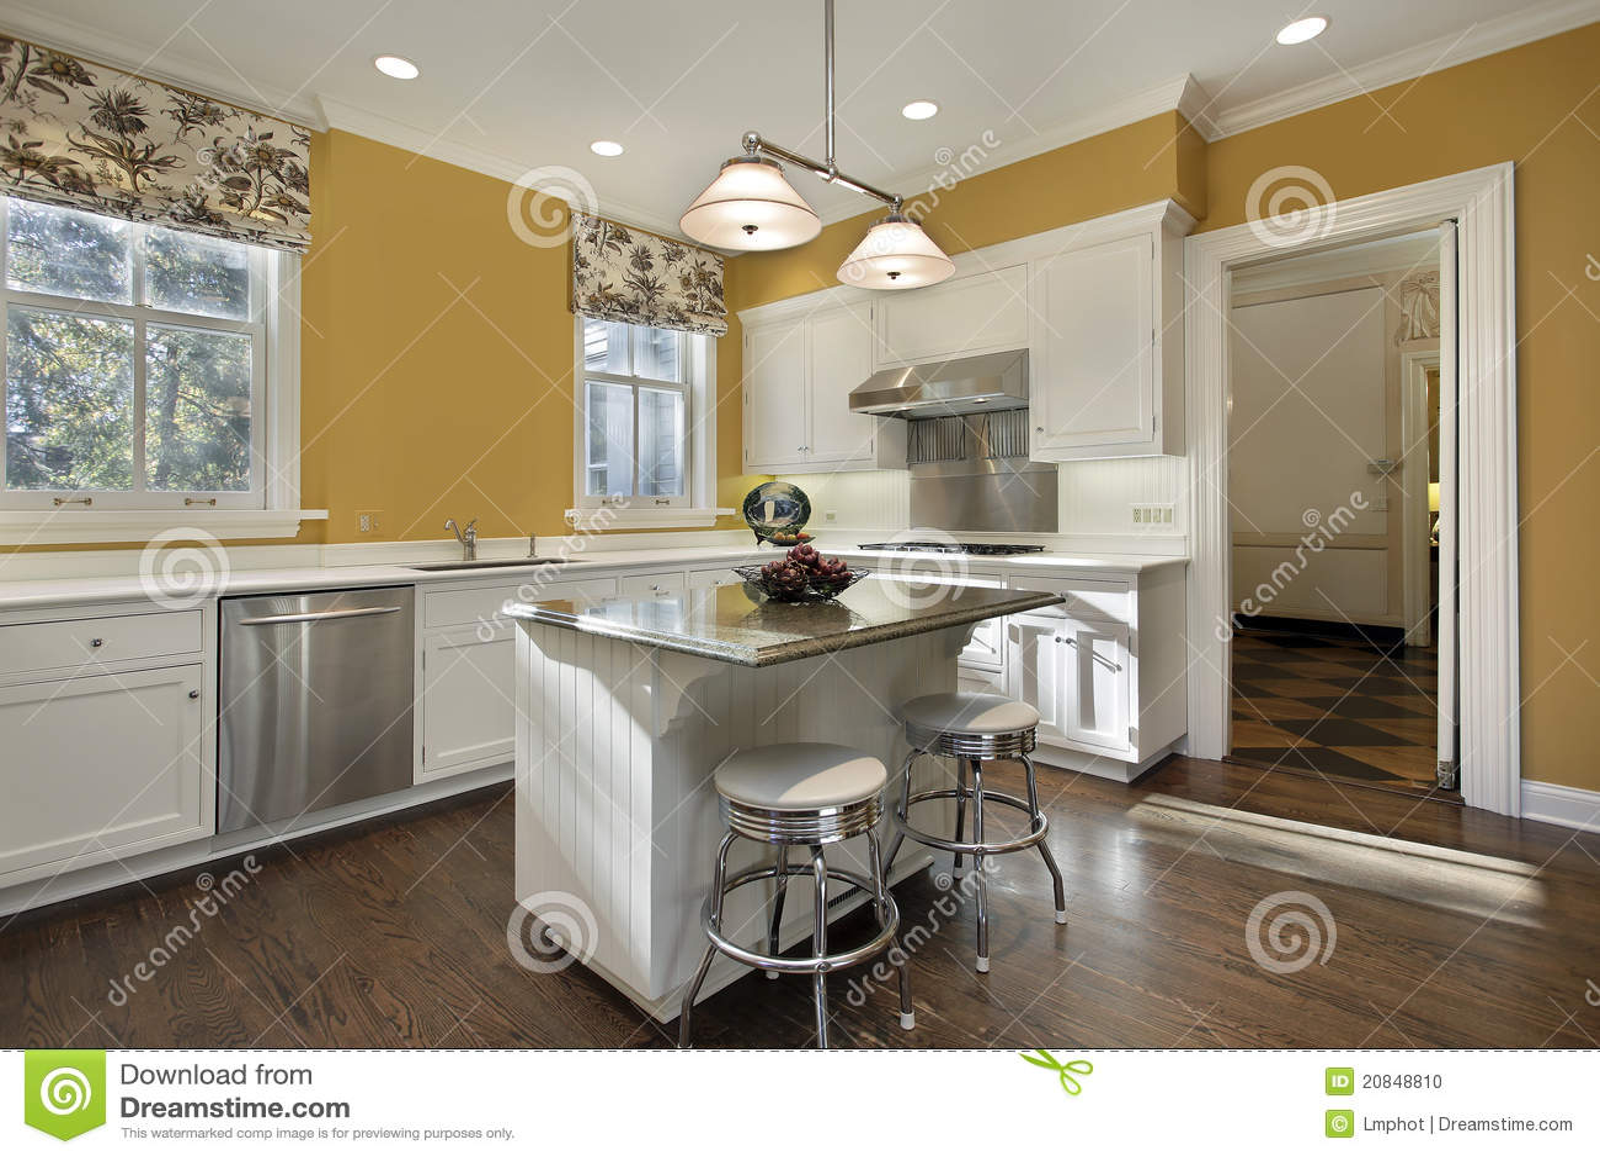 Keuken met gouden muren stock foto beeld 20848810 - Groene en witte keuken ...